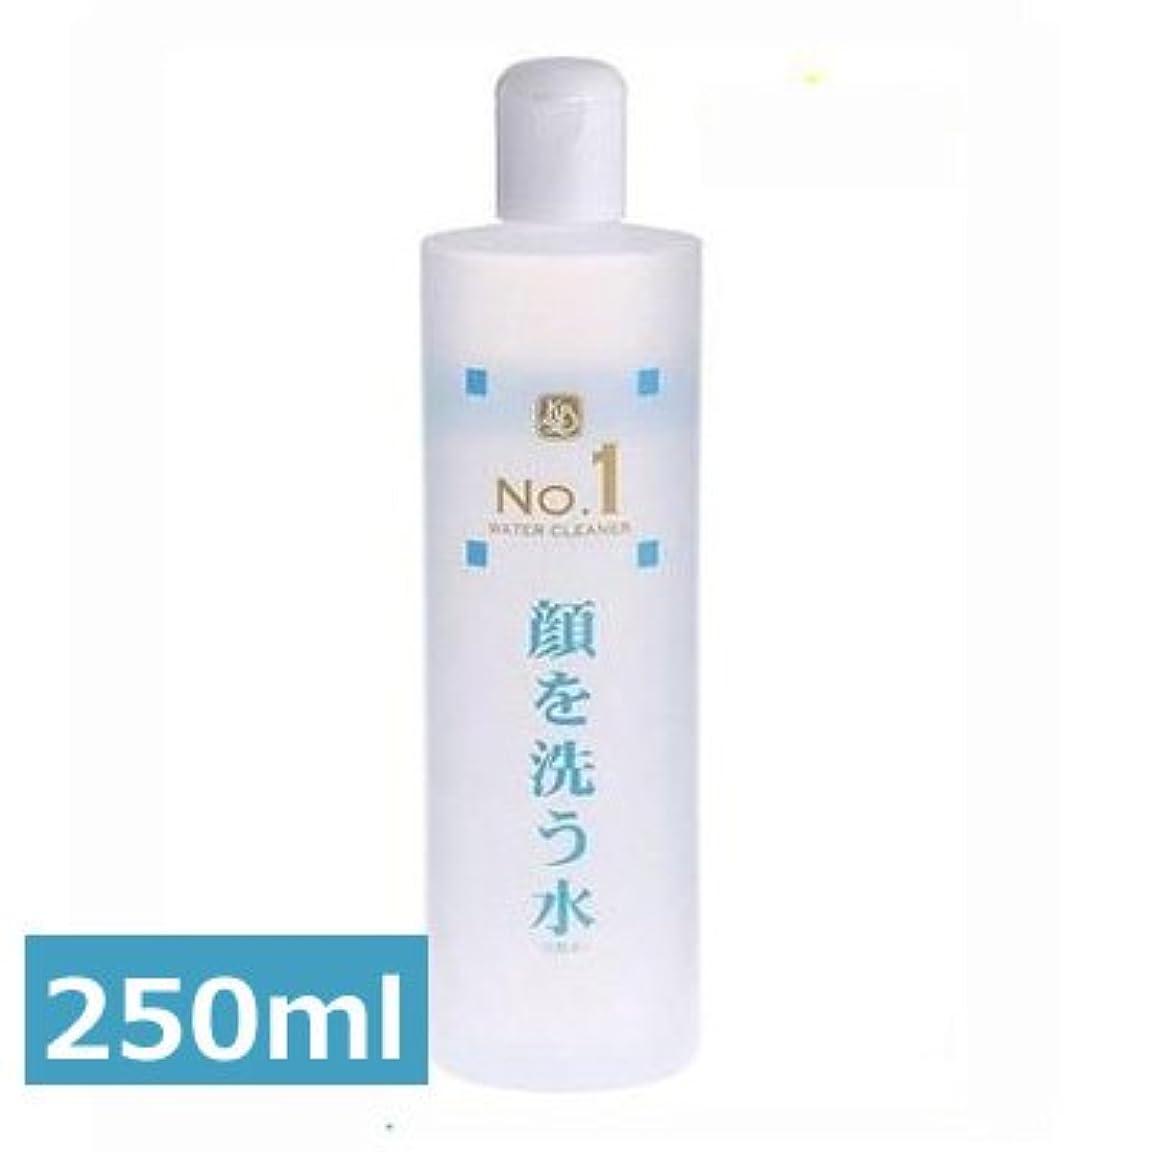 照らす港電気技師ウォータークリーナー カミヤマ美研 顔を洗う水 No.1 250ml 2本セット